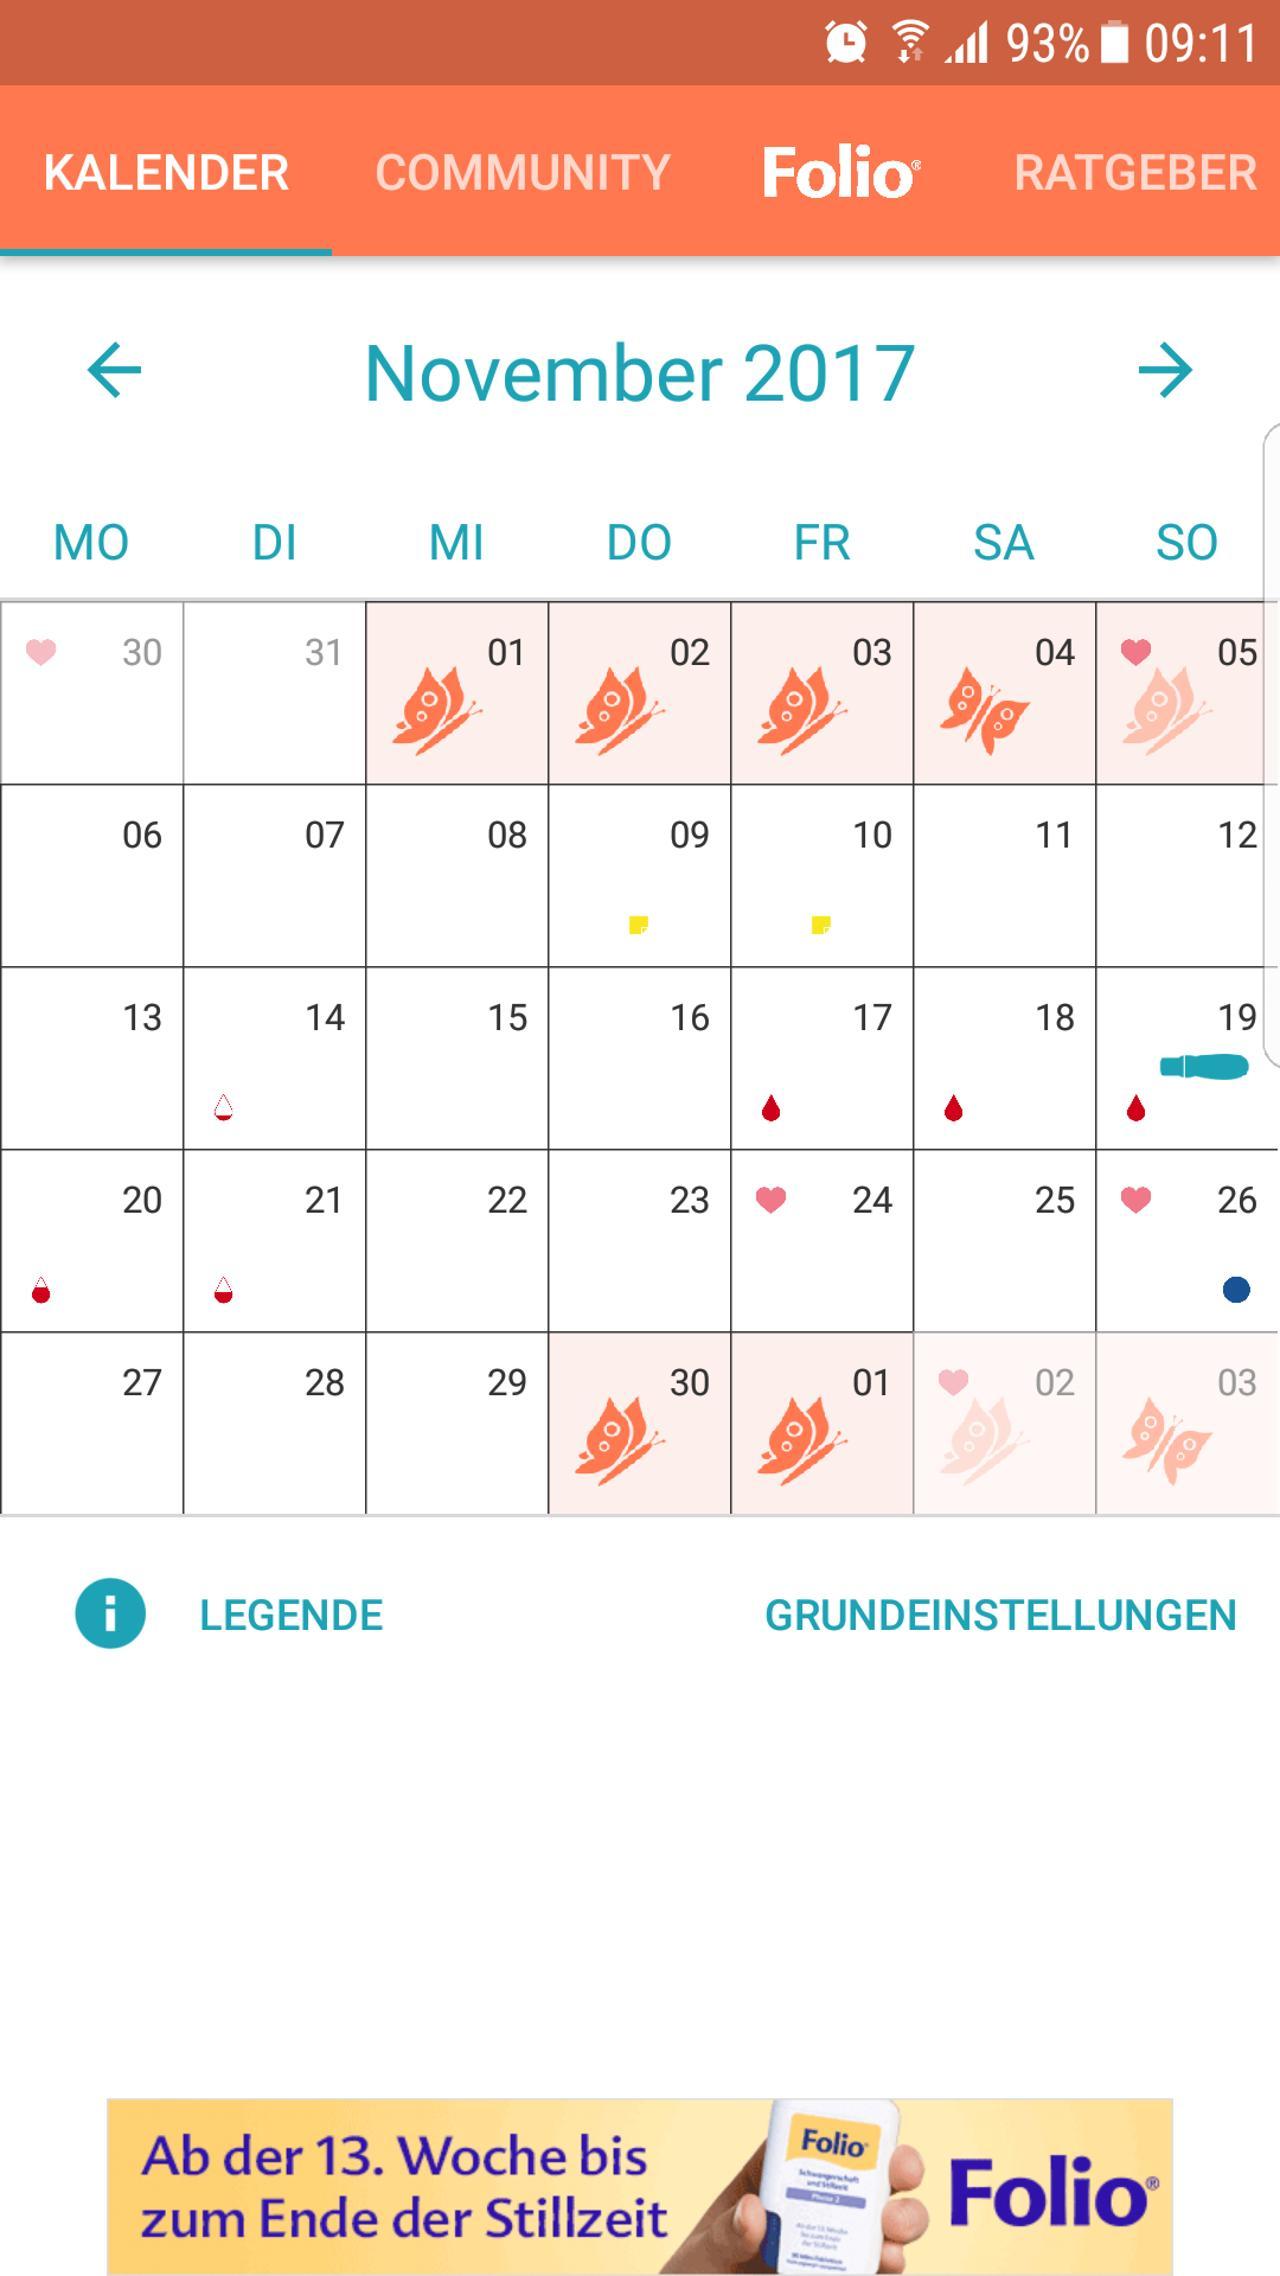 Schmerzen im Schambein | Forum Kinderwunsch - urbia.de